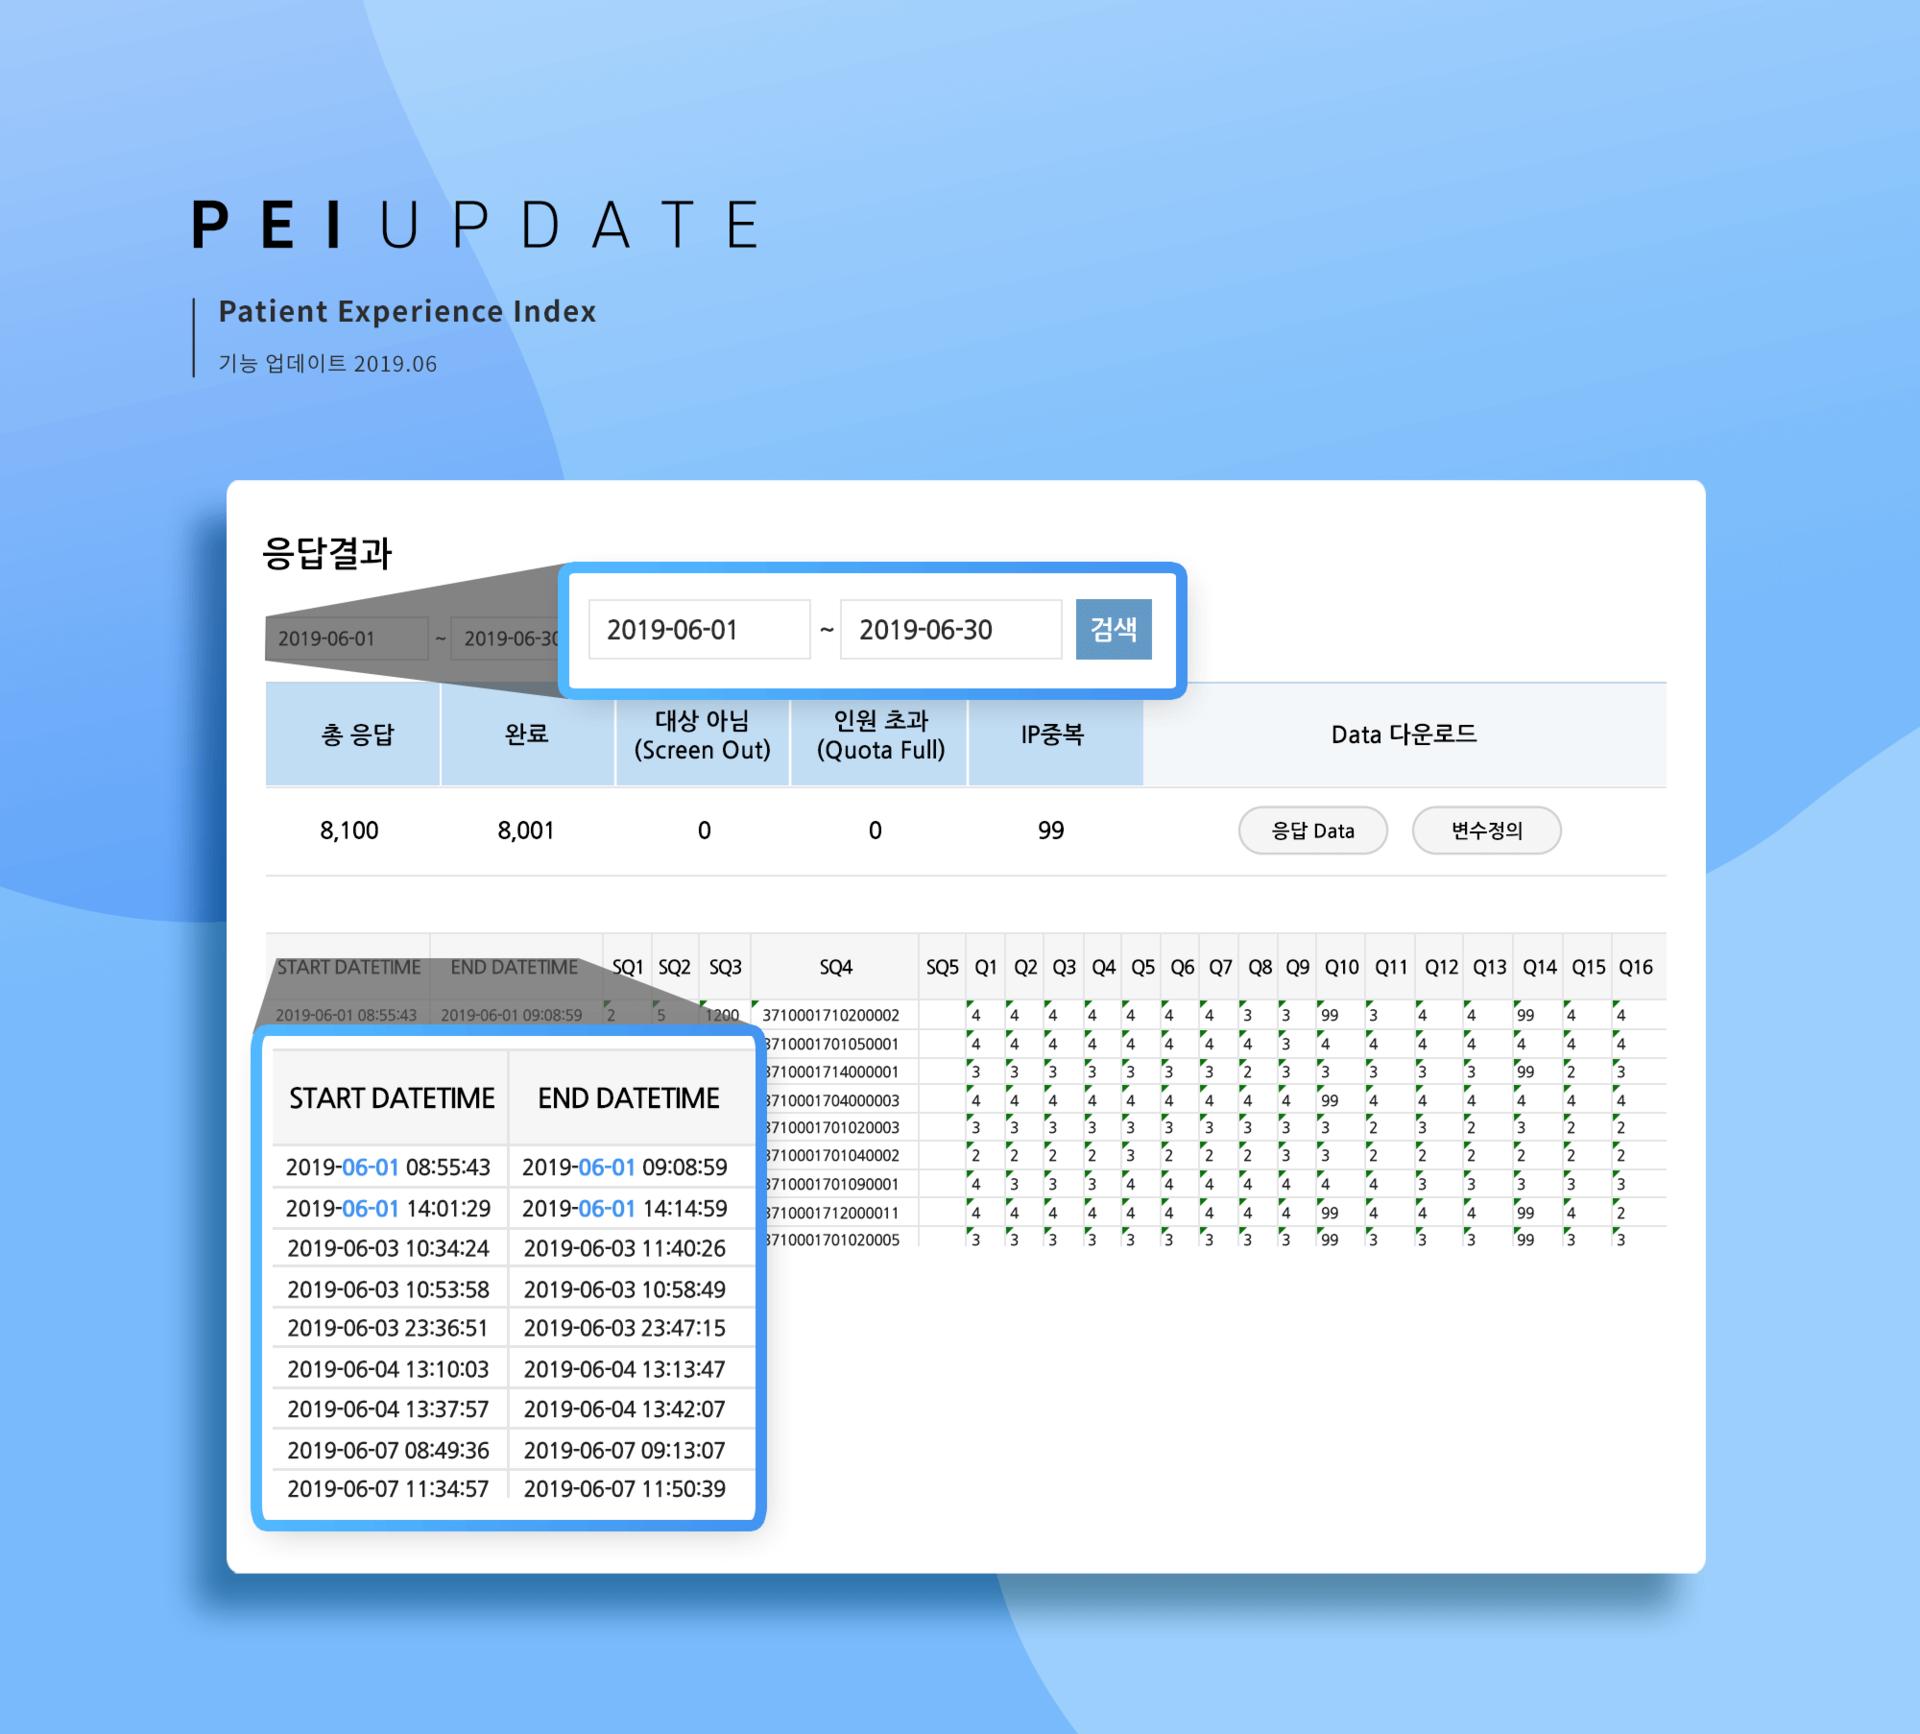 환자경험평가(PEI) 솔루션 응답 데이터 다운로드